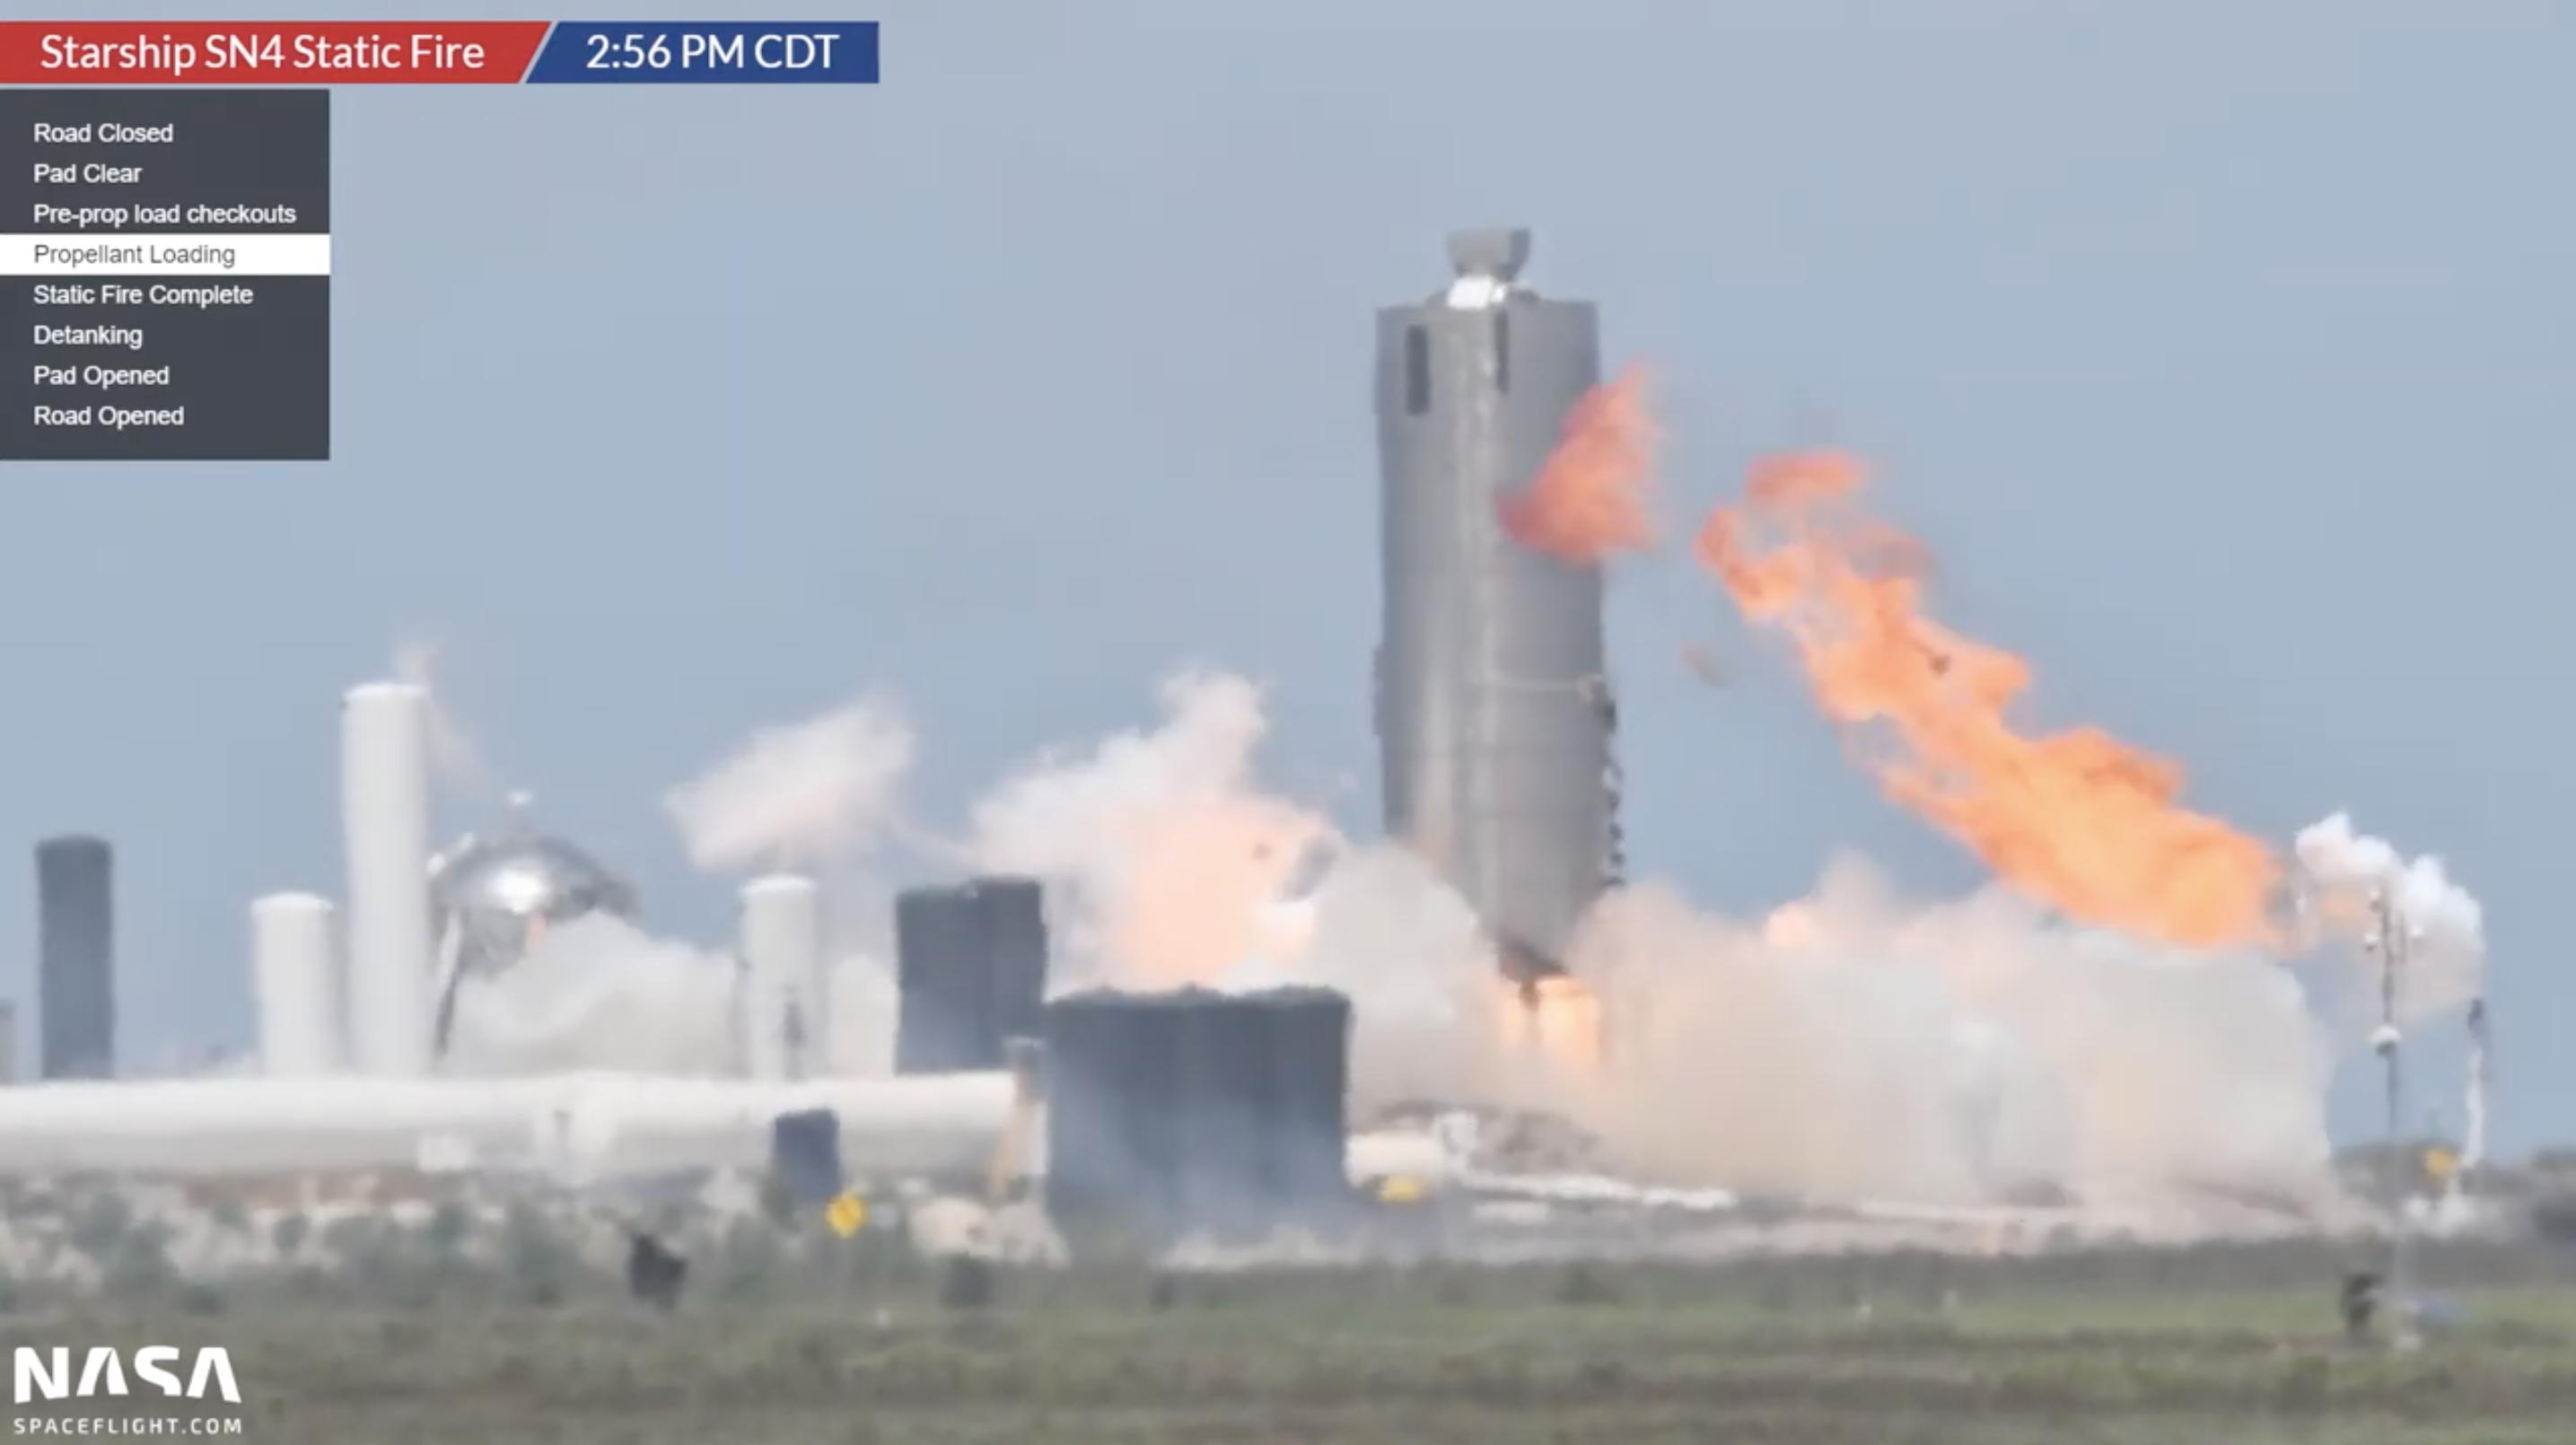 SpaceX Starship SN4